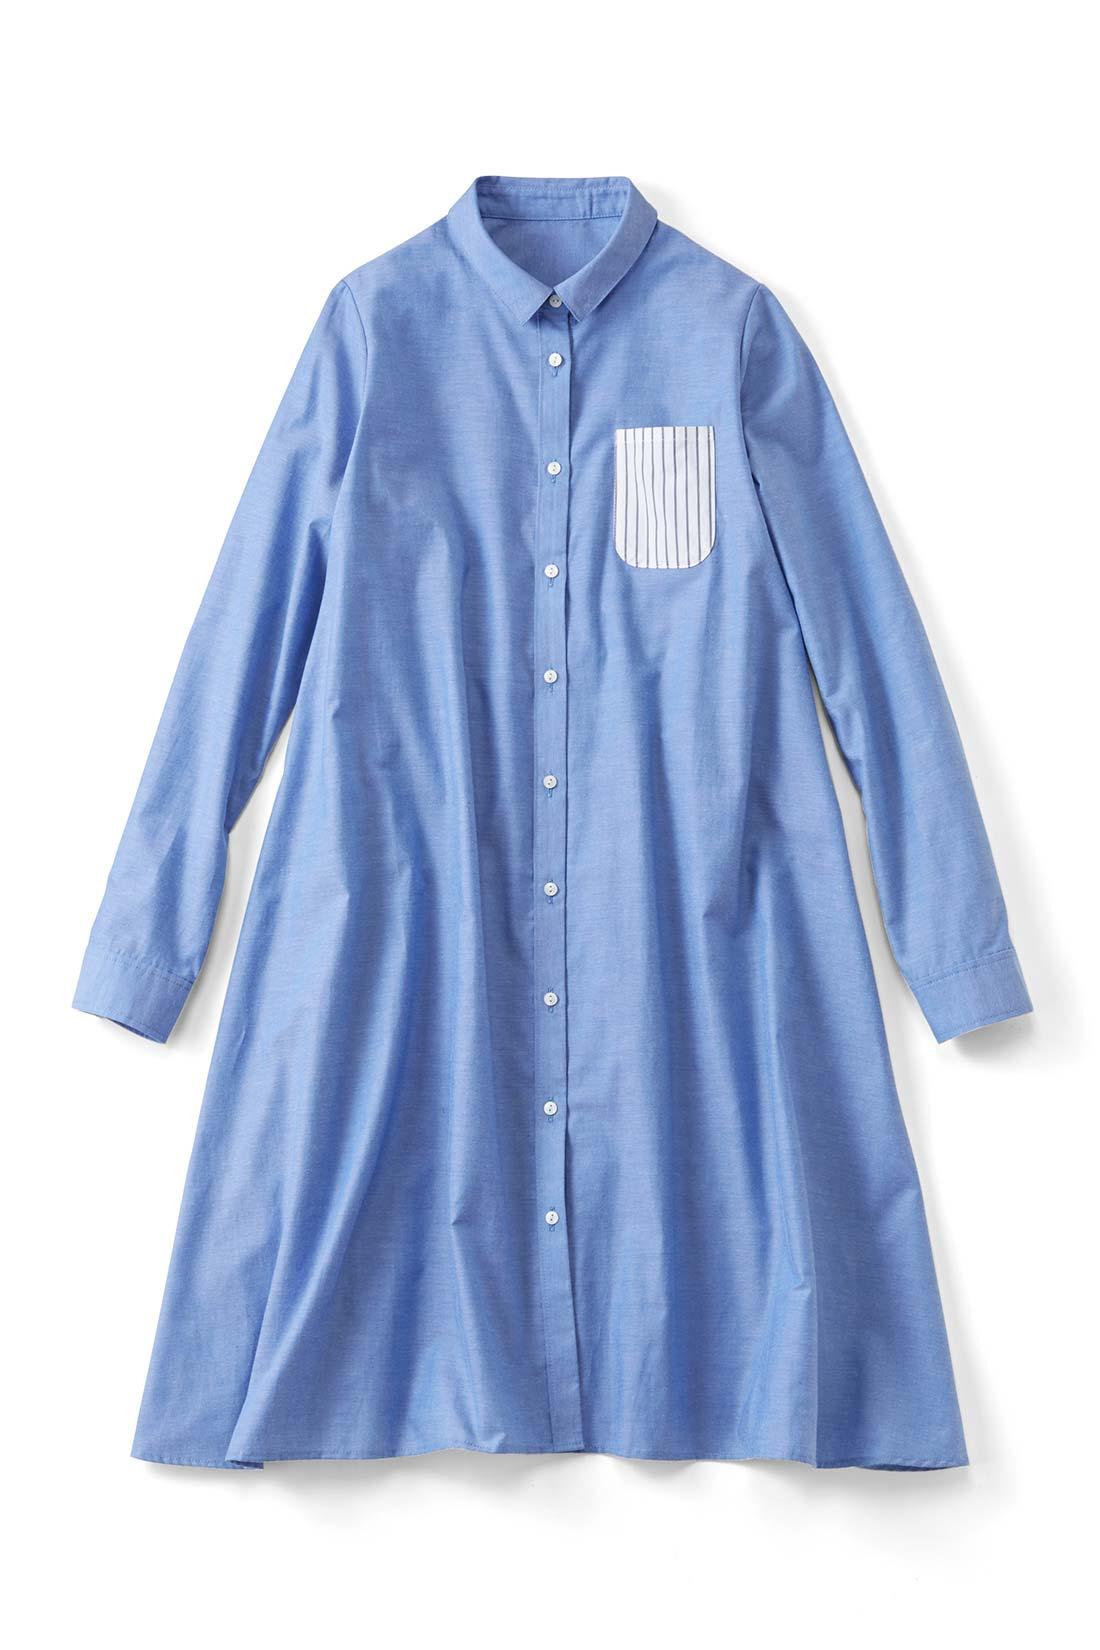 【水色シャンブレー】パキッとしたストライプ柄の胸ポケットが目印だよ。